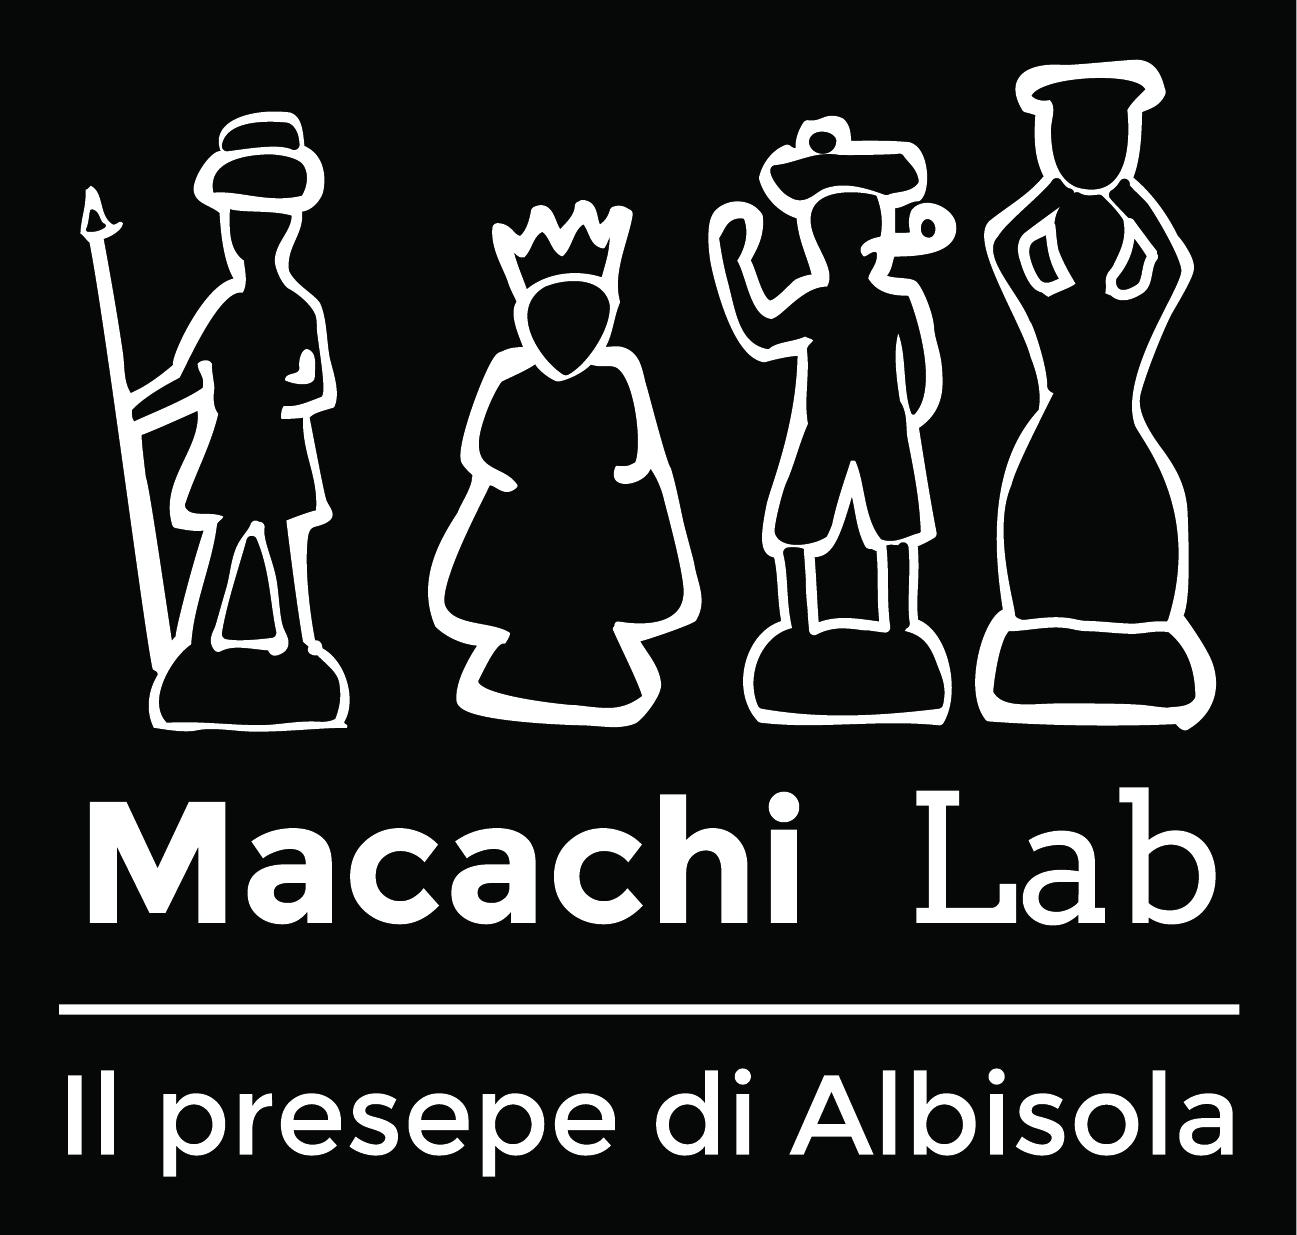 Macachi Lab